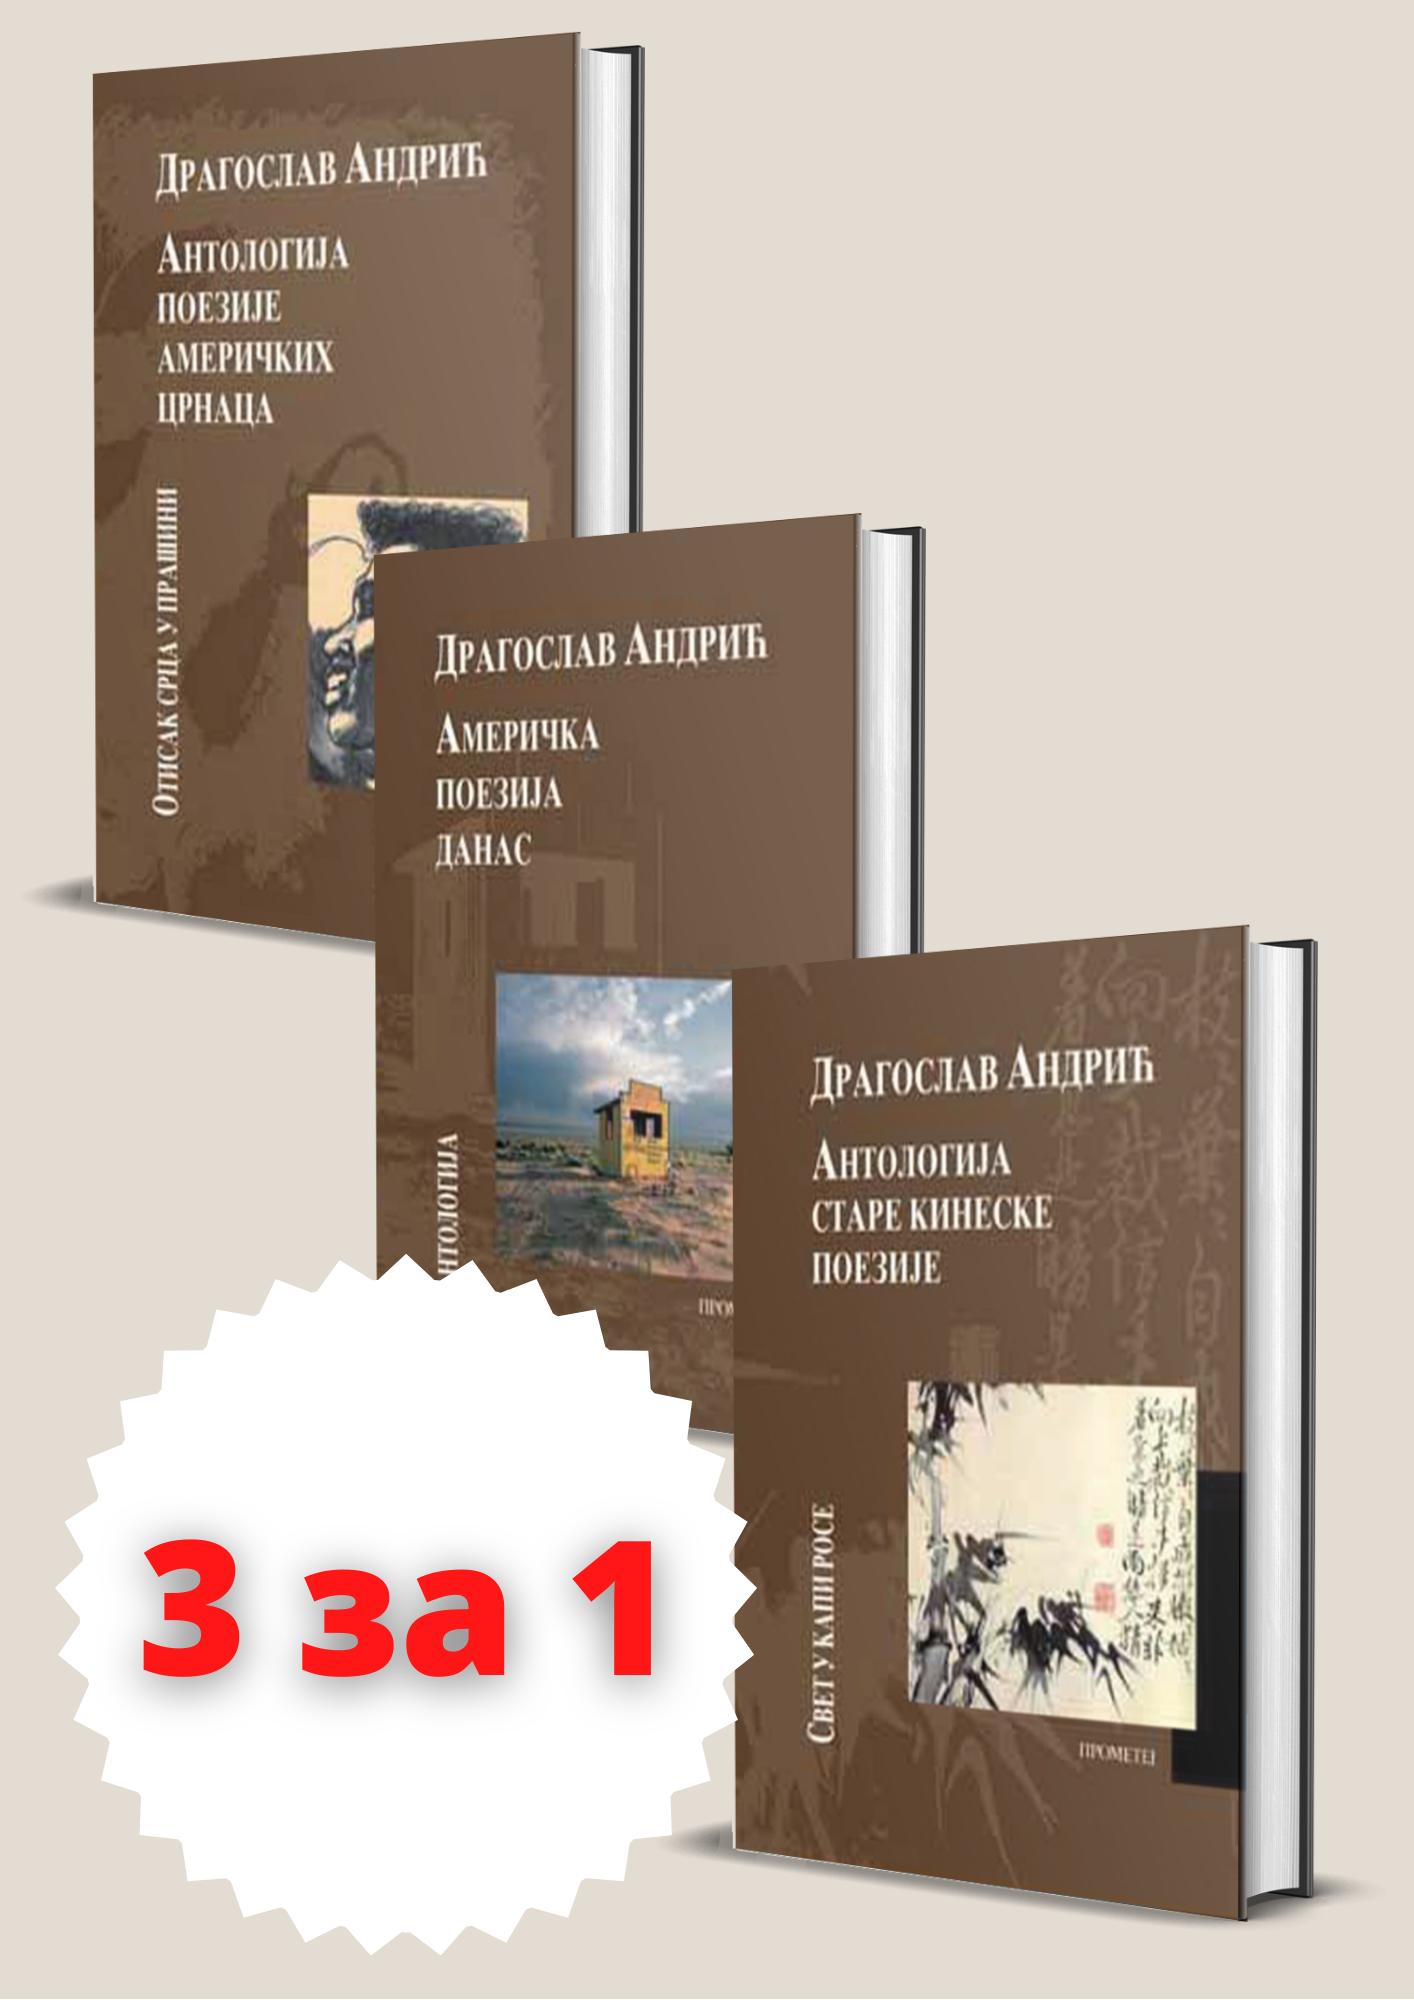 Антологије светске поезије – 3 књиге по цени 1